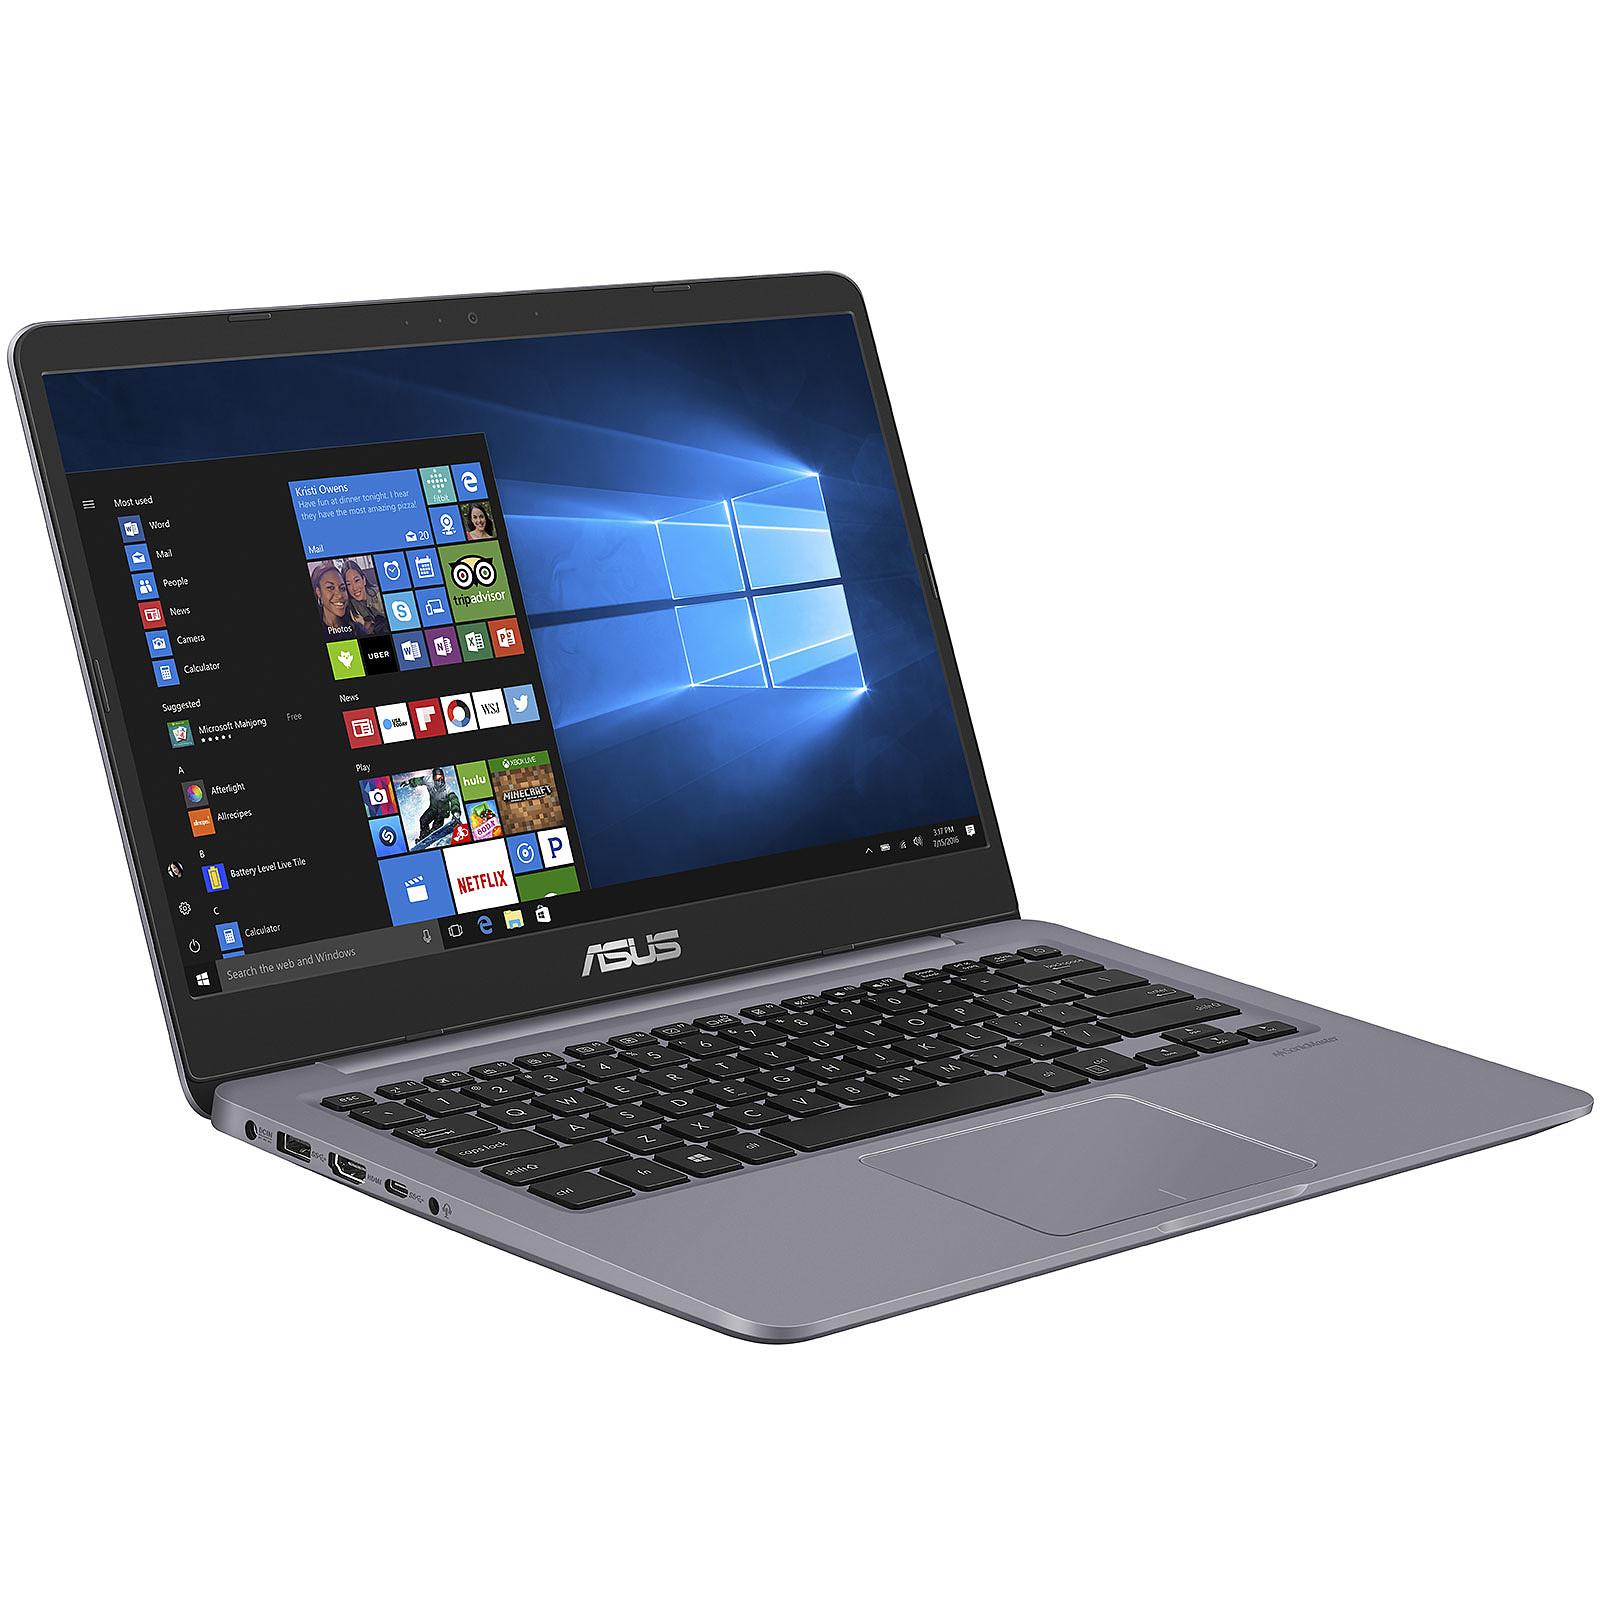 ASUS Vivobook S14 S410UN-EB079T